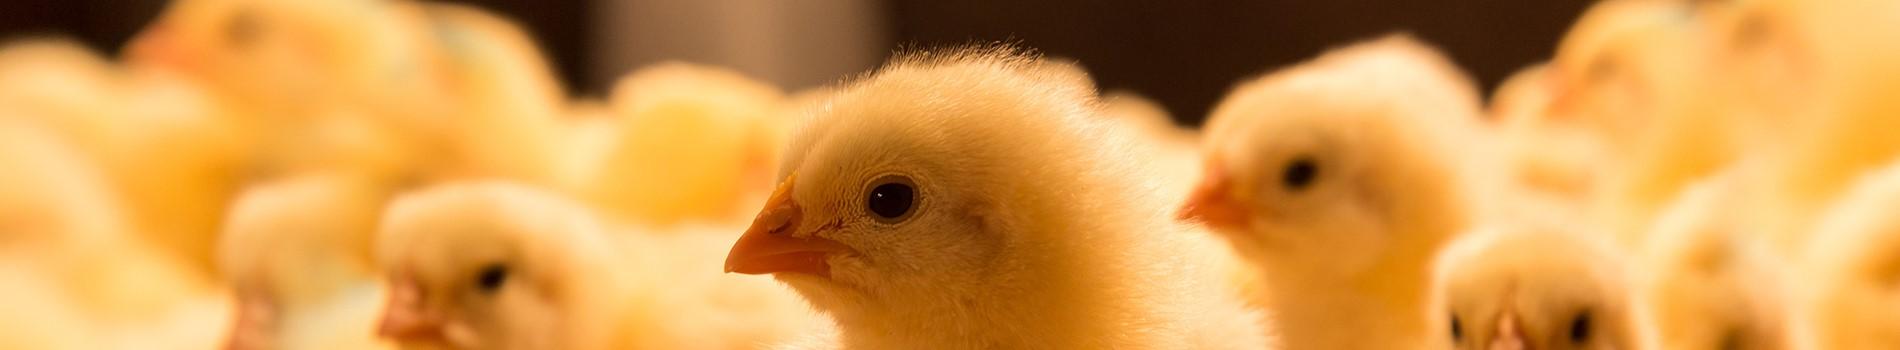 Poultry Loans